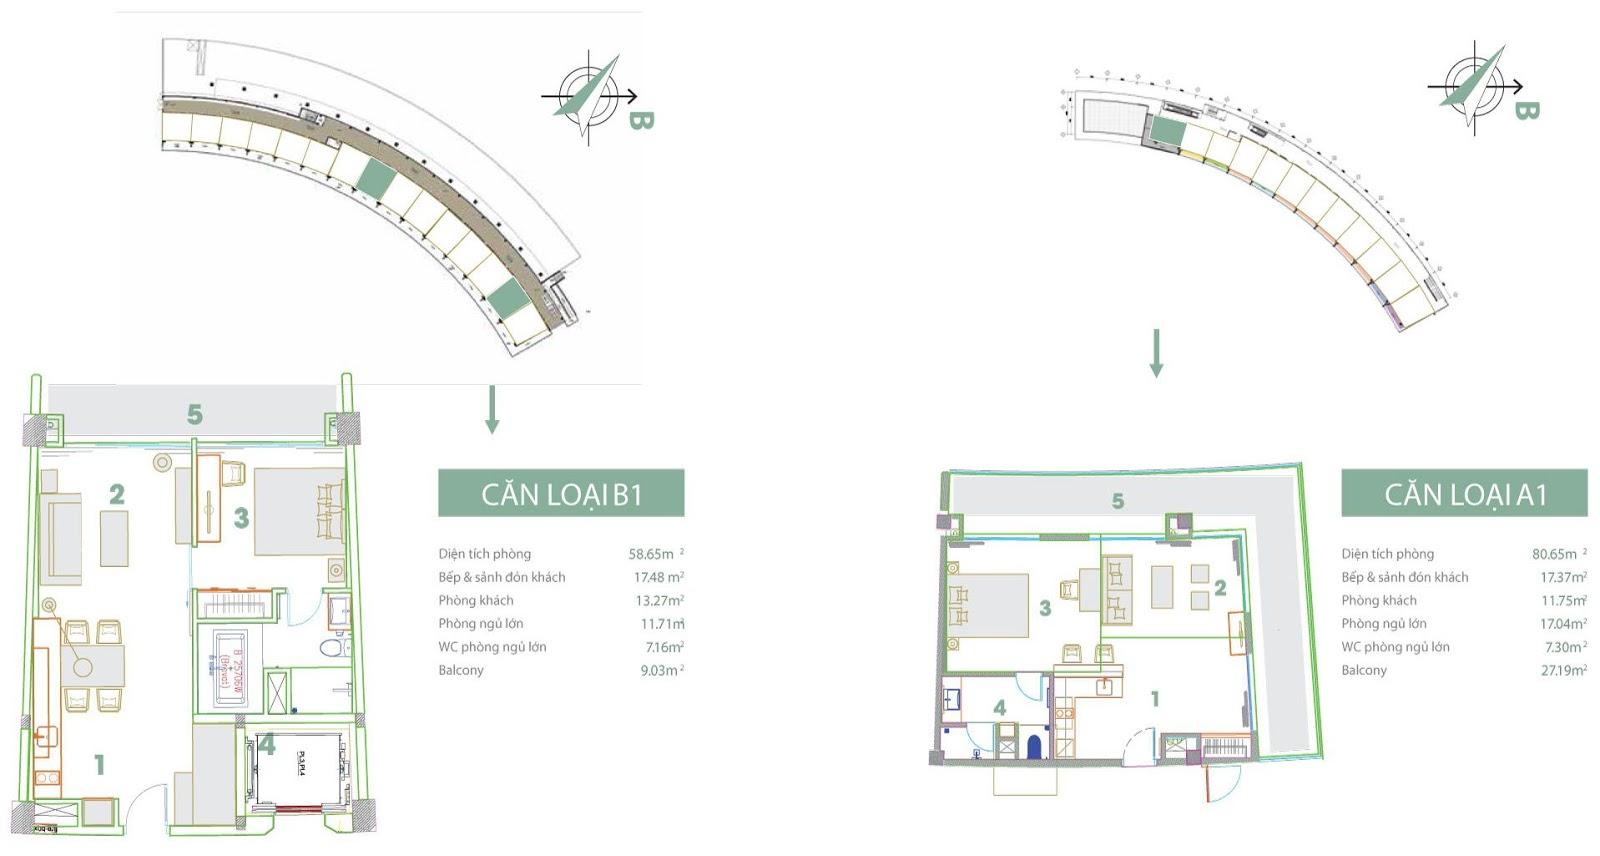 Mặt bằng thiết kế căn hộ loại B1 và A1 FLC Luxury Hotel Sầm Sơn